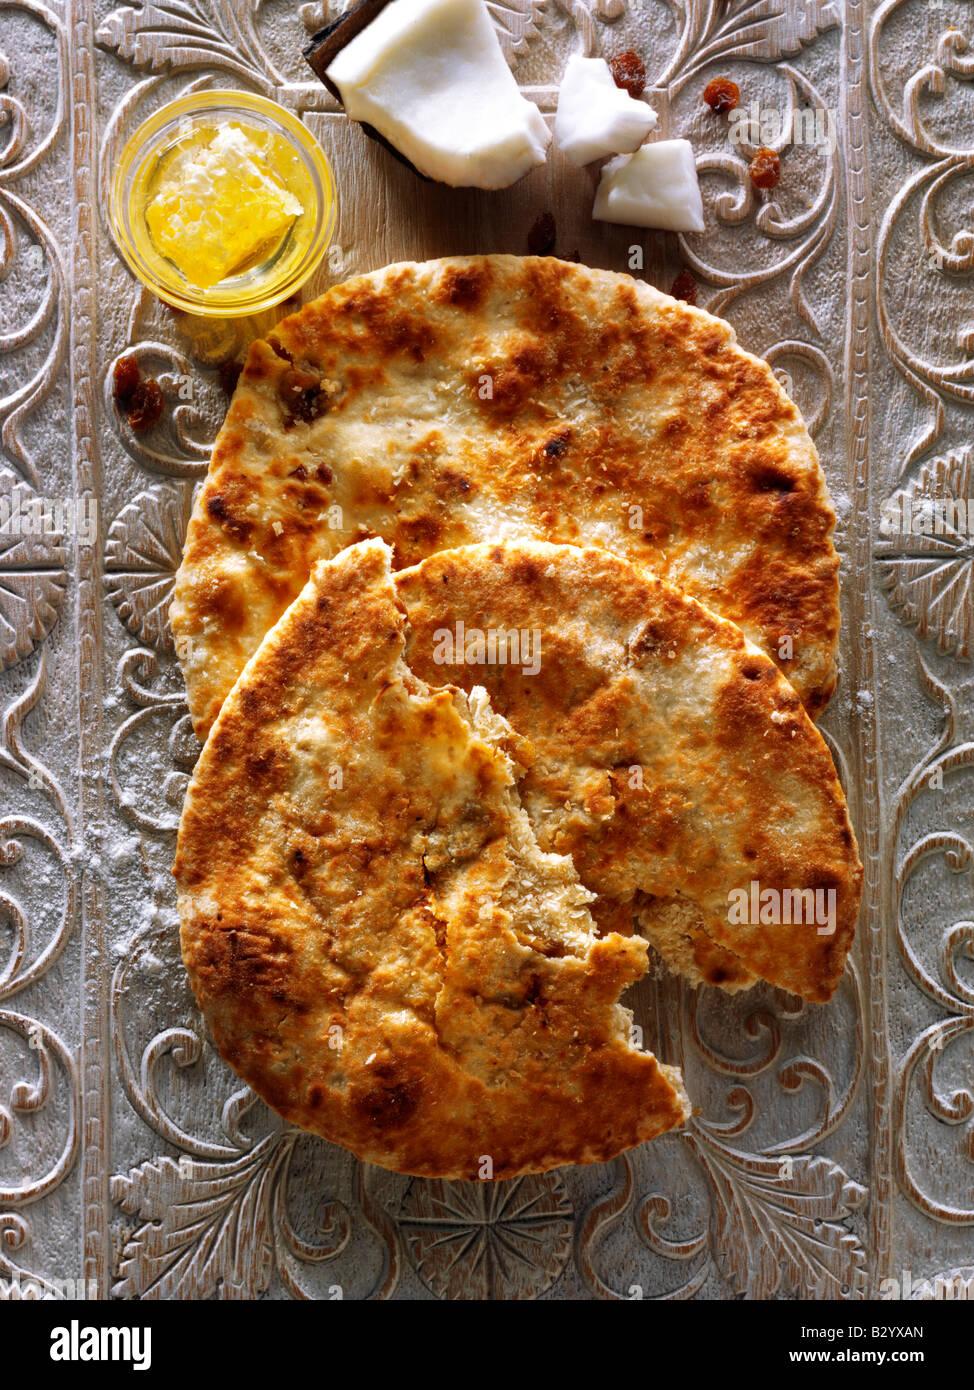 Naan Peshwari. Il cocco uva sultanina e miele pane - Cucina Indiana Immagini Stock